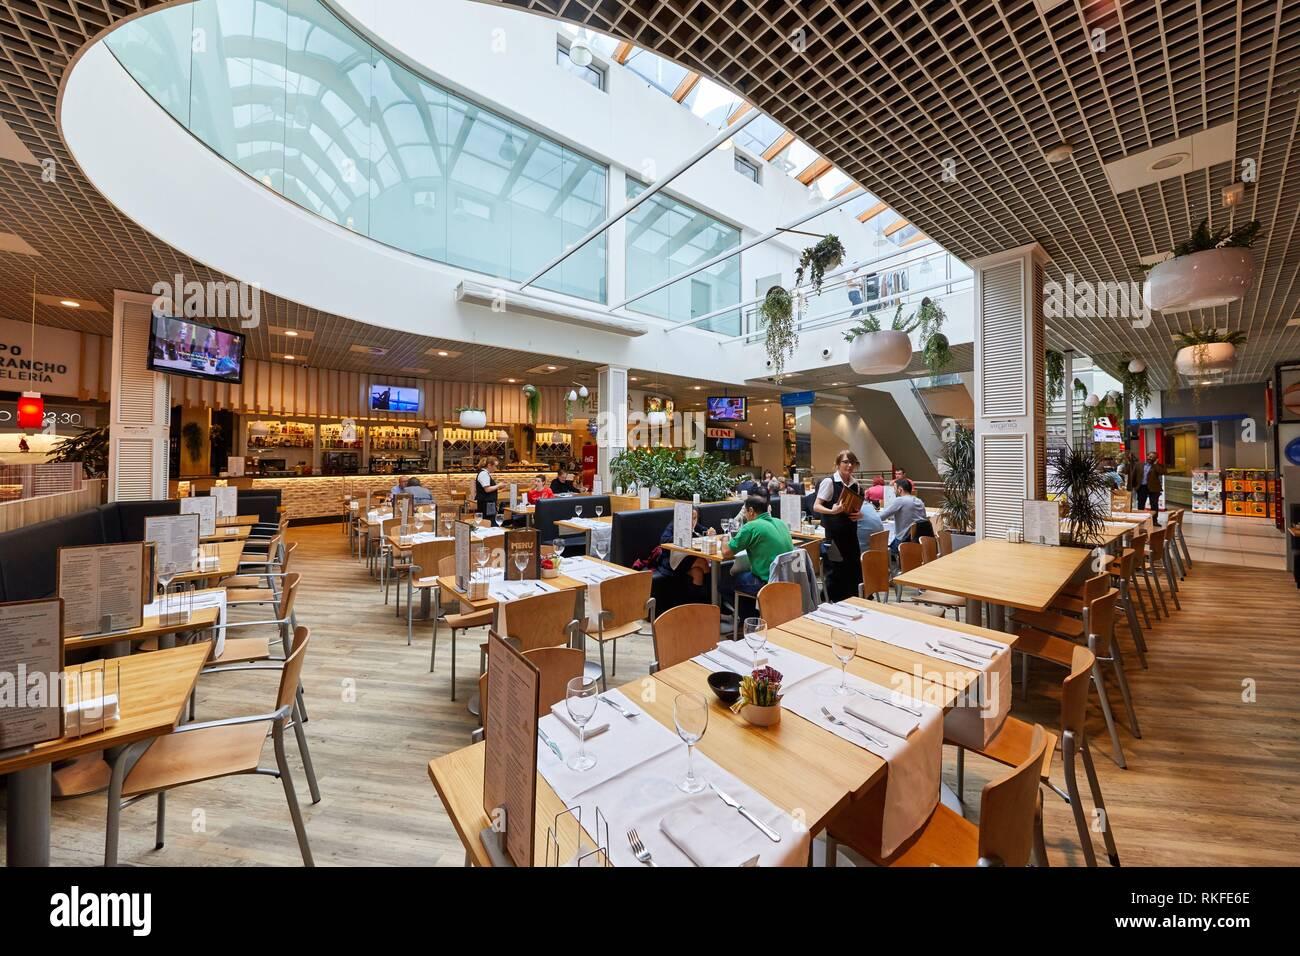 Esszimmer, Tische zu essen, Restaurante Bar Virginia Mendibil Menüs & Schnell Gut, Mall, Centro Comercial Mendibil, Irun, Gipuzkoa, Baskenland, Stockbild